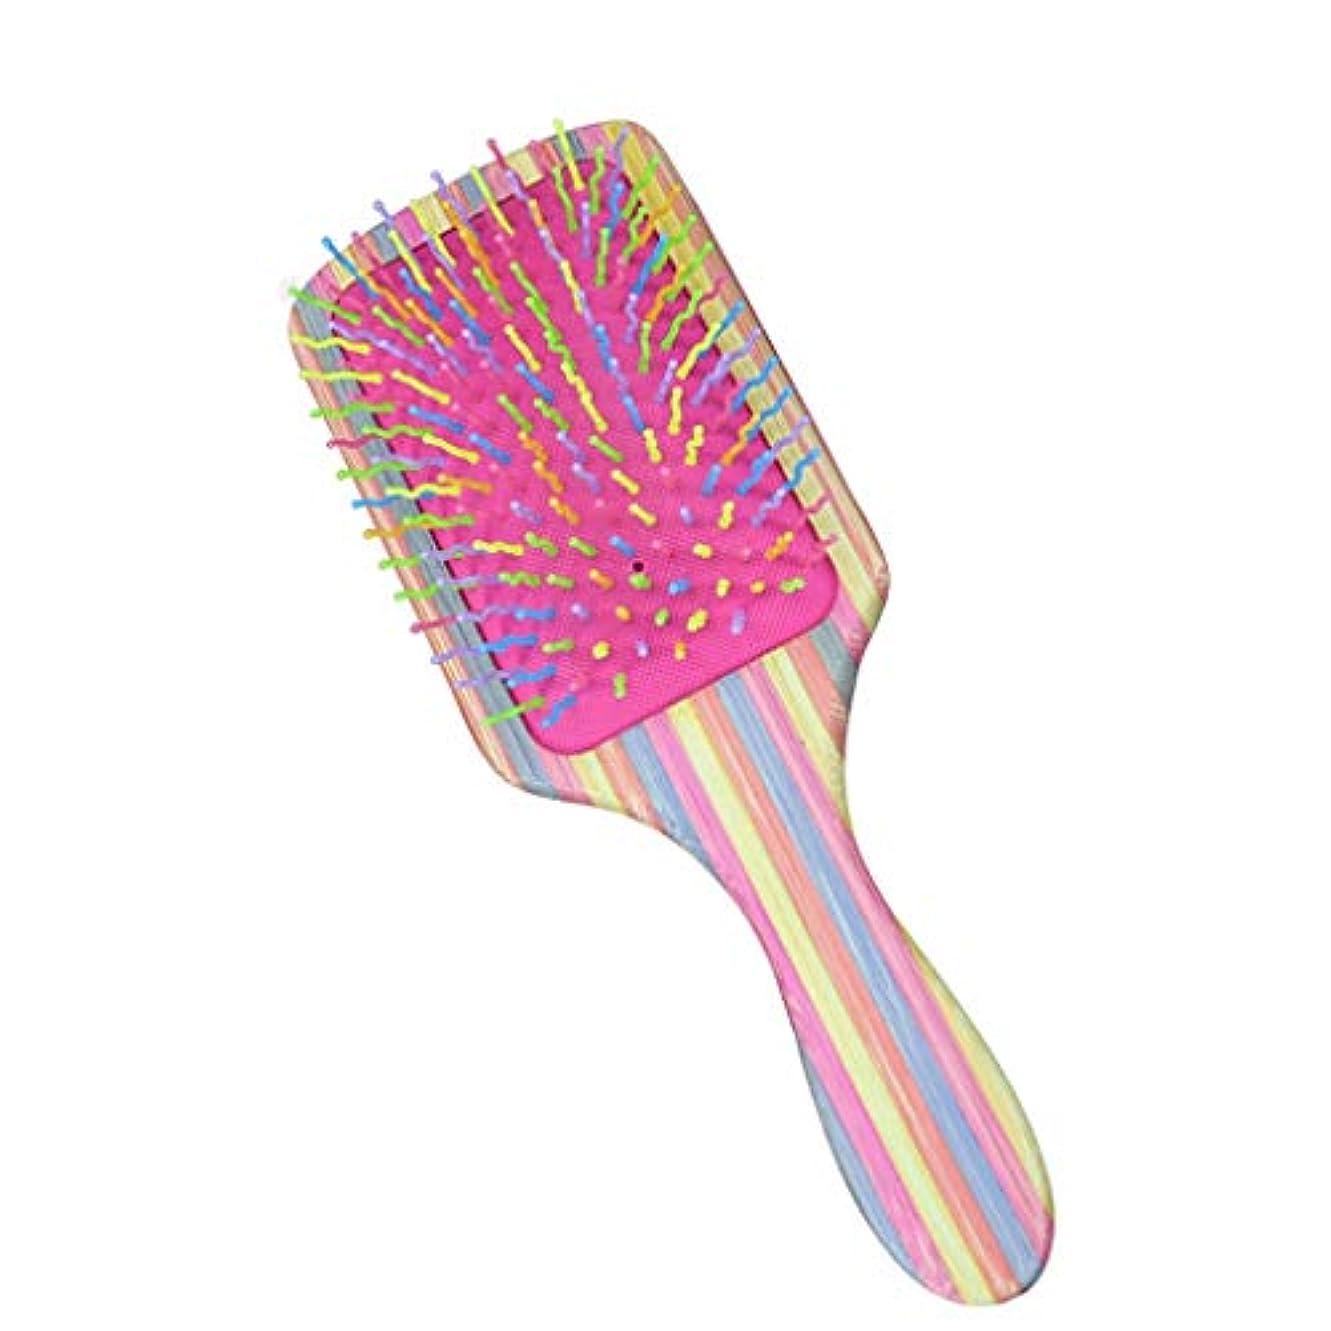 ポケット尊厳休戦くし児童エアバッグエアクッションコームマッサージヘッドメリディアンコームヘアコームヘアコームくしホームビッグくし (Color : Pink)